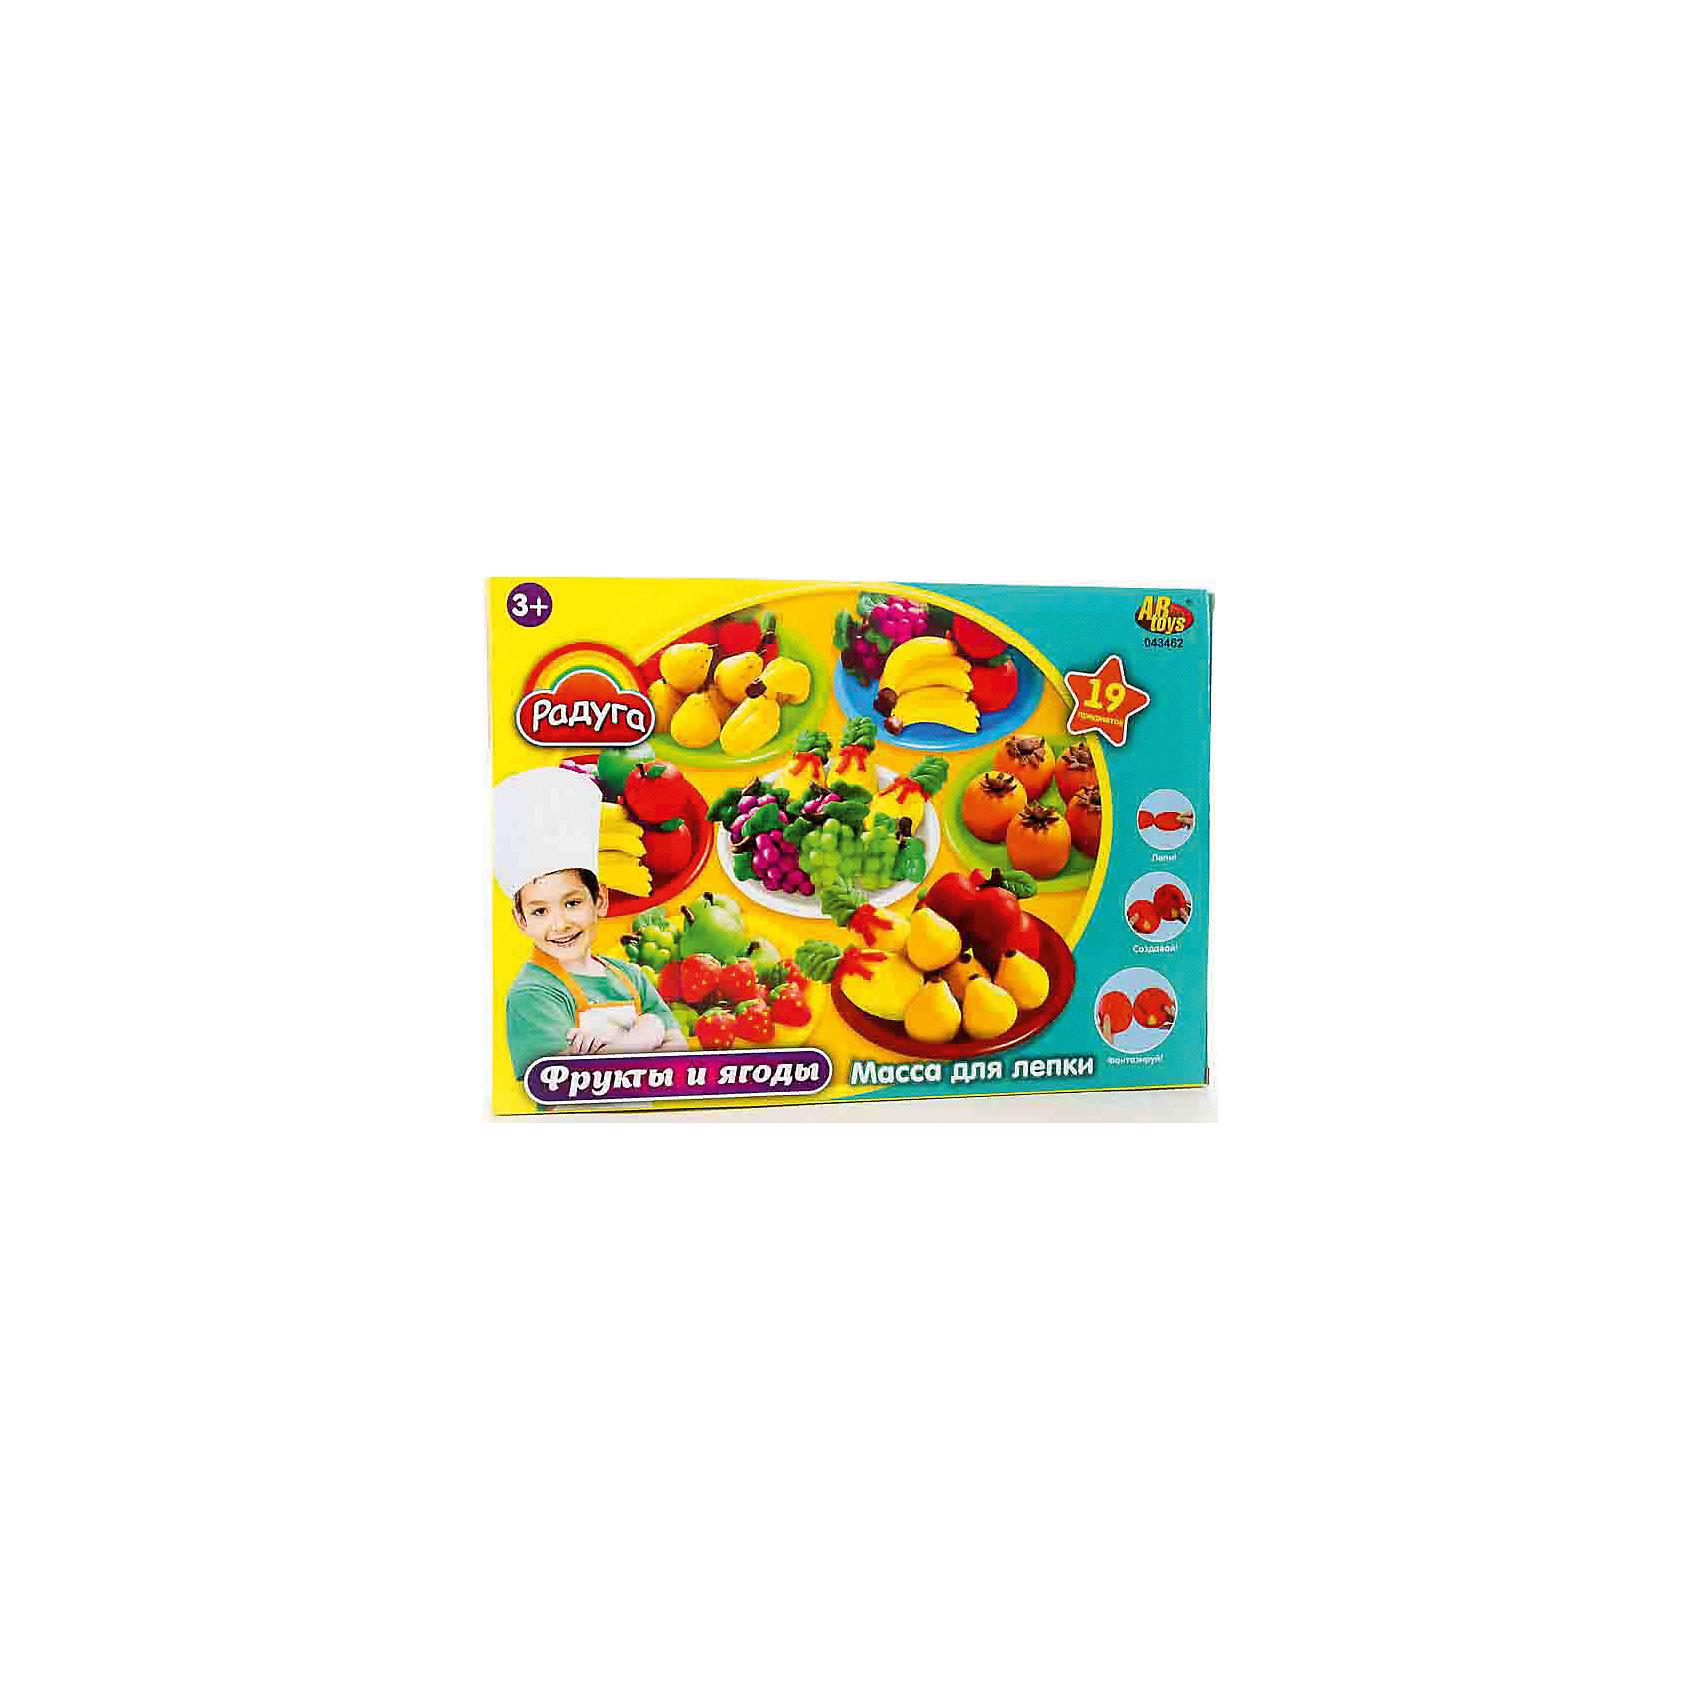 Набор Масса для лепки Фрукты и ягодыМасса для лепки<br>Масса для лепки Фрукты и ягоды (19 предметов), Радуга<br><br>Характеристика:<br><br>-В набор входит 19 предметов:<br>-6 баночек пластилина  разных цветов<br>-аксессуары <br>-Состав: пластилин, пластмасса <br>-Возраст: от 3 лет<br>-Производитель: MERX Limited<br><br>Пластилин поможет ребенку развить мелкую моторику рук, воображение и фантазию. Масса для лепки Радуга с легкостью будет принимать любую форму, благодаря мягкой текстуре. В комплект входит множество аксессуаров. Ребёнок сможет сам слепить различные фрукты.<br><br>Массу для лепки Фрукты и ягоды (19 предметов), Радуга можно приобрести в нашем интернет-магазине.<br><br>Ширина мм: 370<br>Глубина мм: 265<br>Высота мм: 70<br>Вес г: 889<br>Возраст от месяцев: 36<br>Возраст до месяцев: 144<br>Пол: Унисекс<br>Возраст: Детский<br>SKU: 5078254